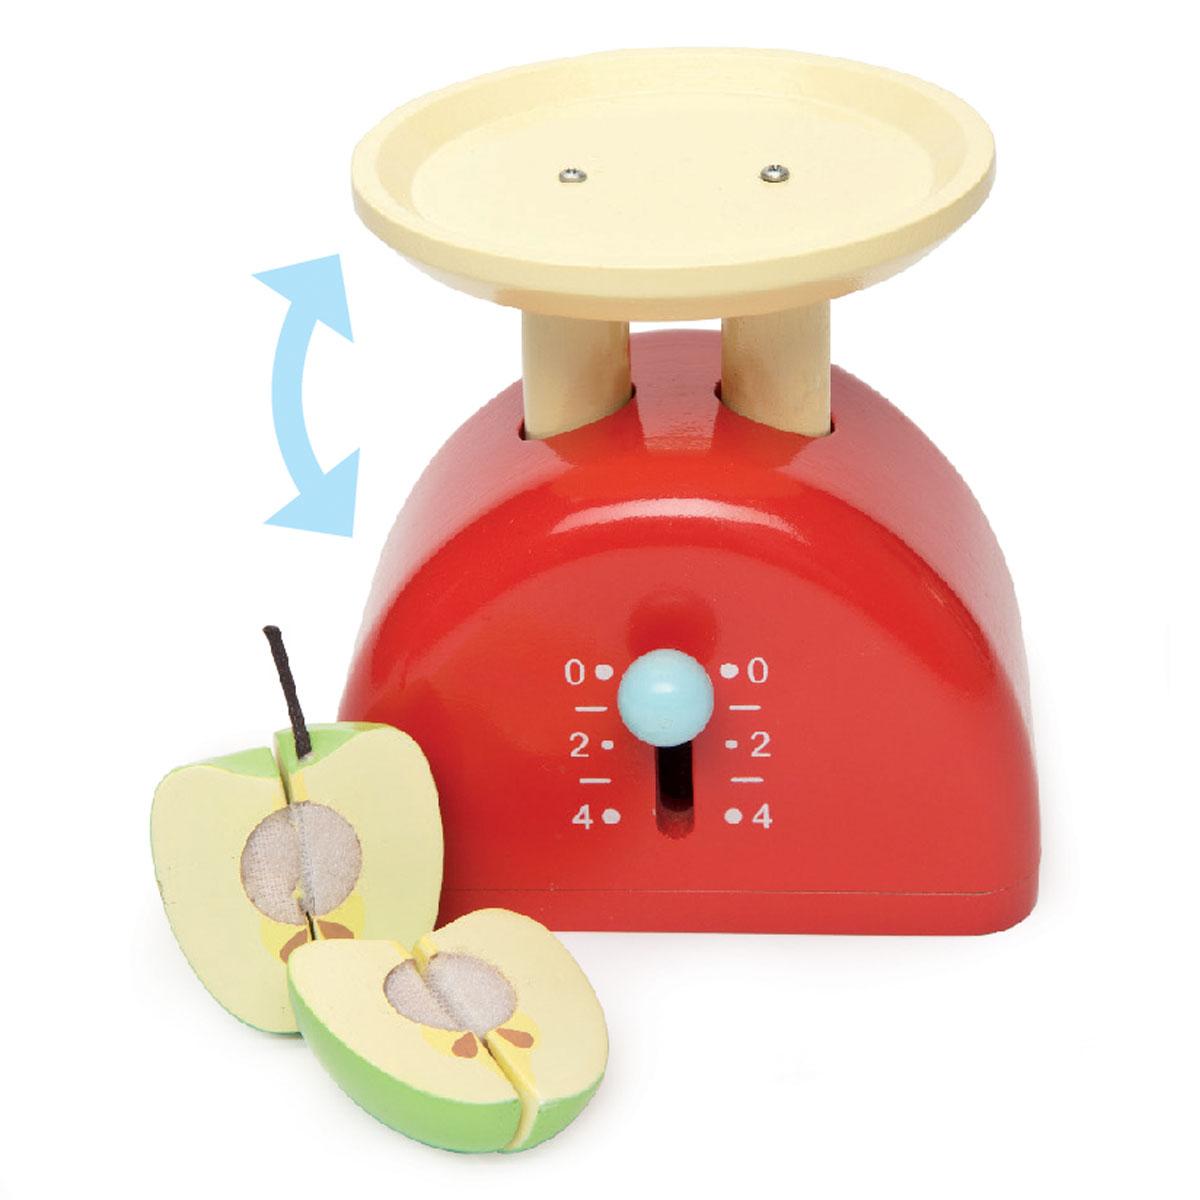 Le toy van balance tv289 pirum for Toy van cuisine